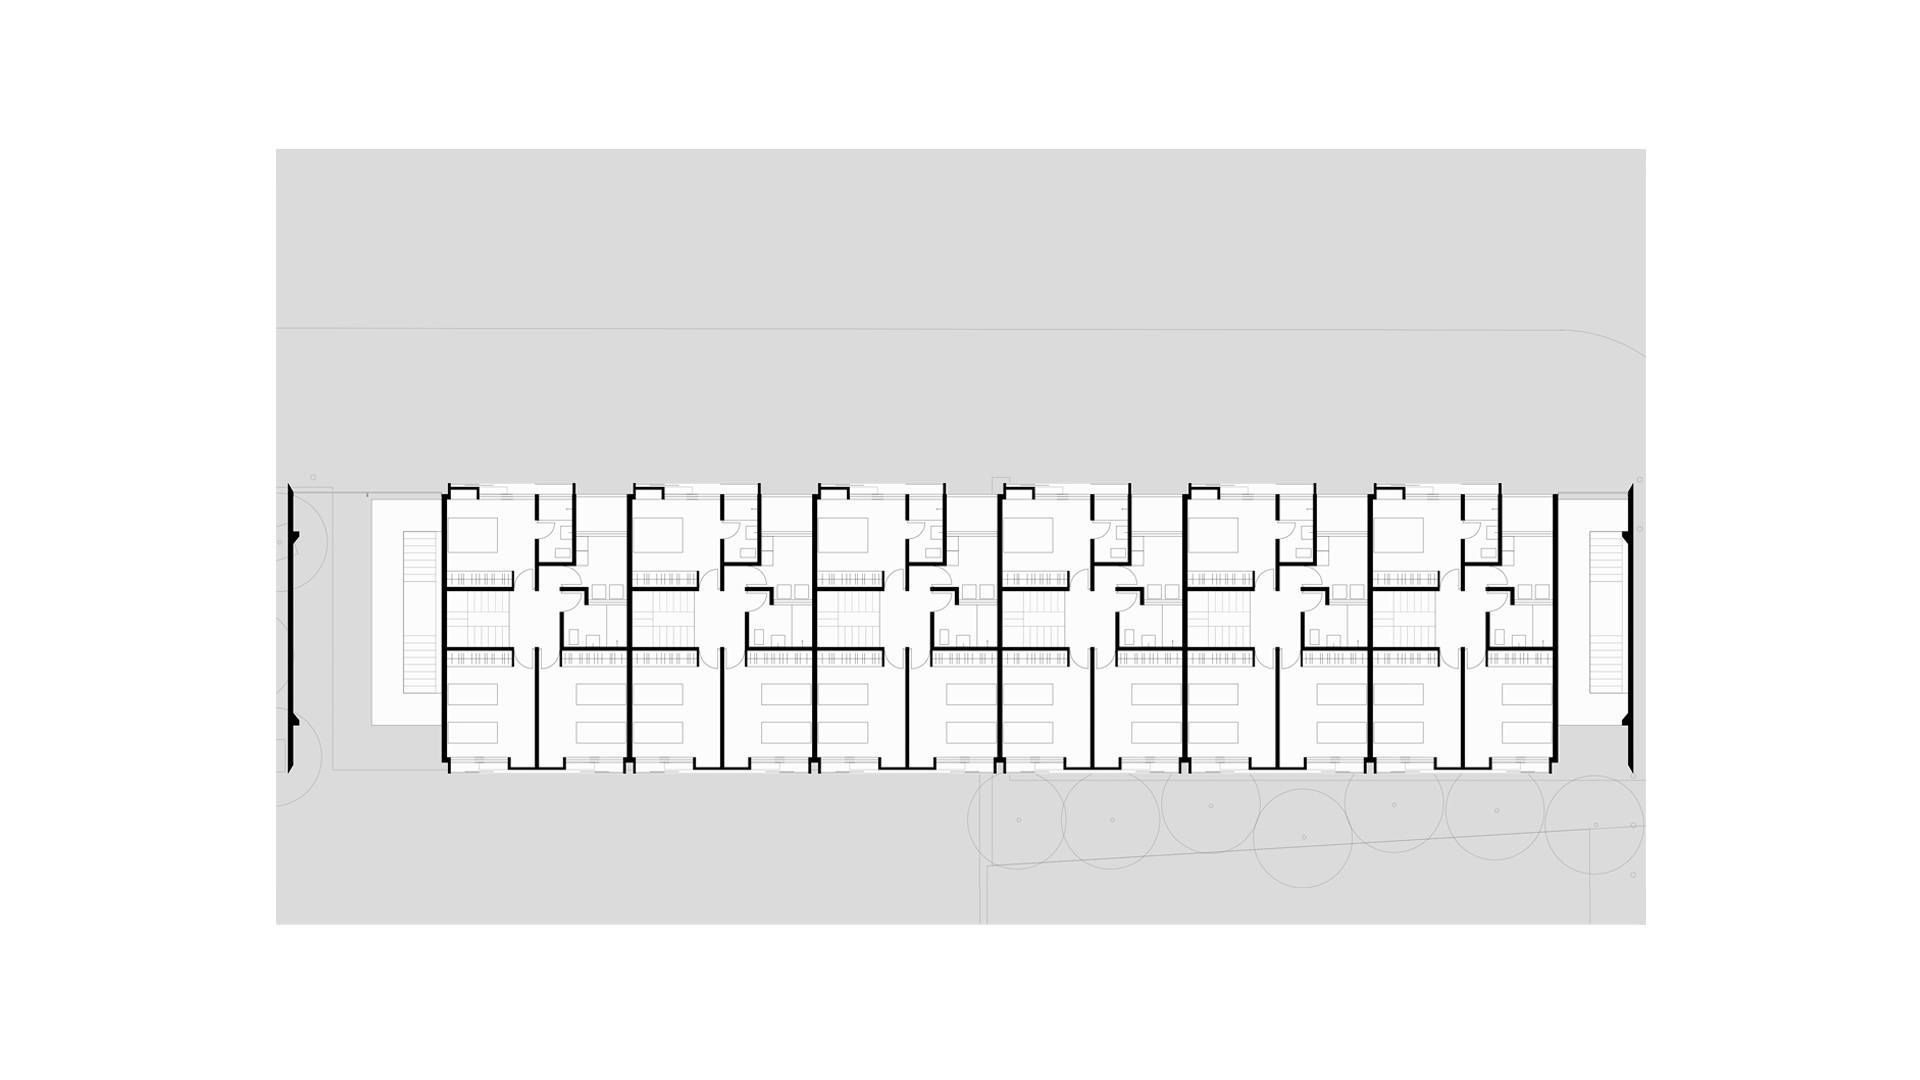 habitacao-em-caracas-unid-leste-modulo-duplex-3-pav